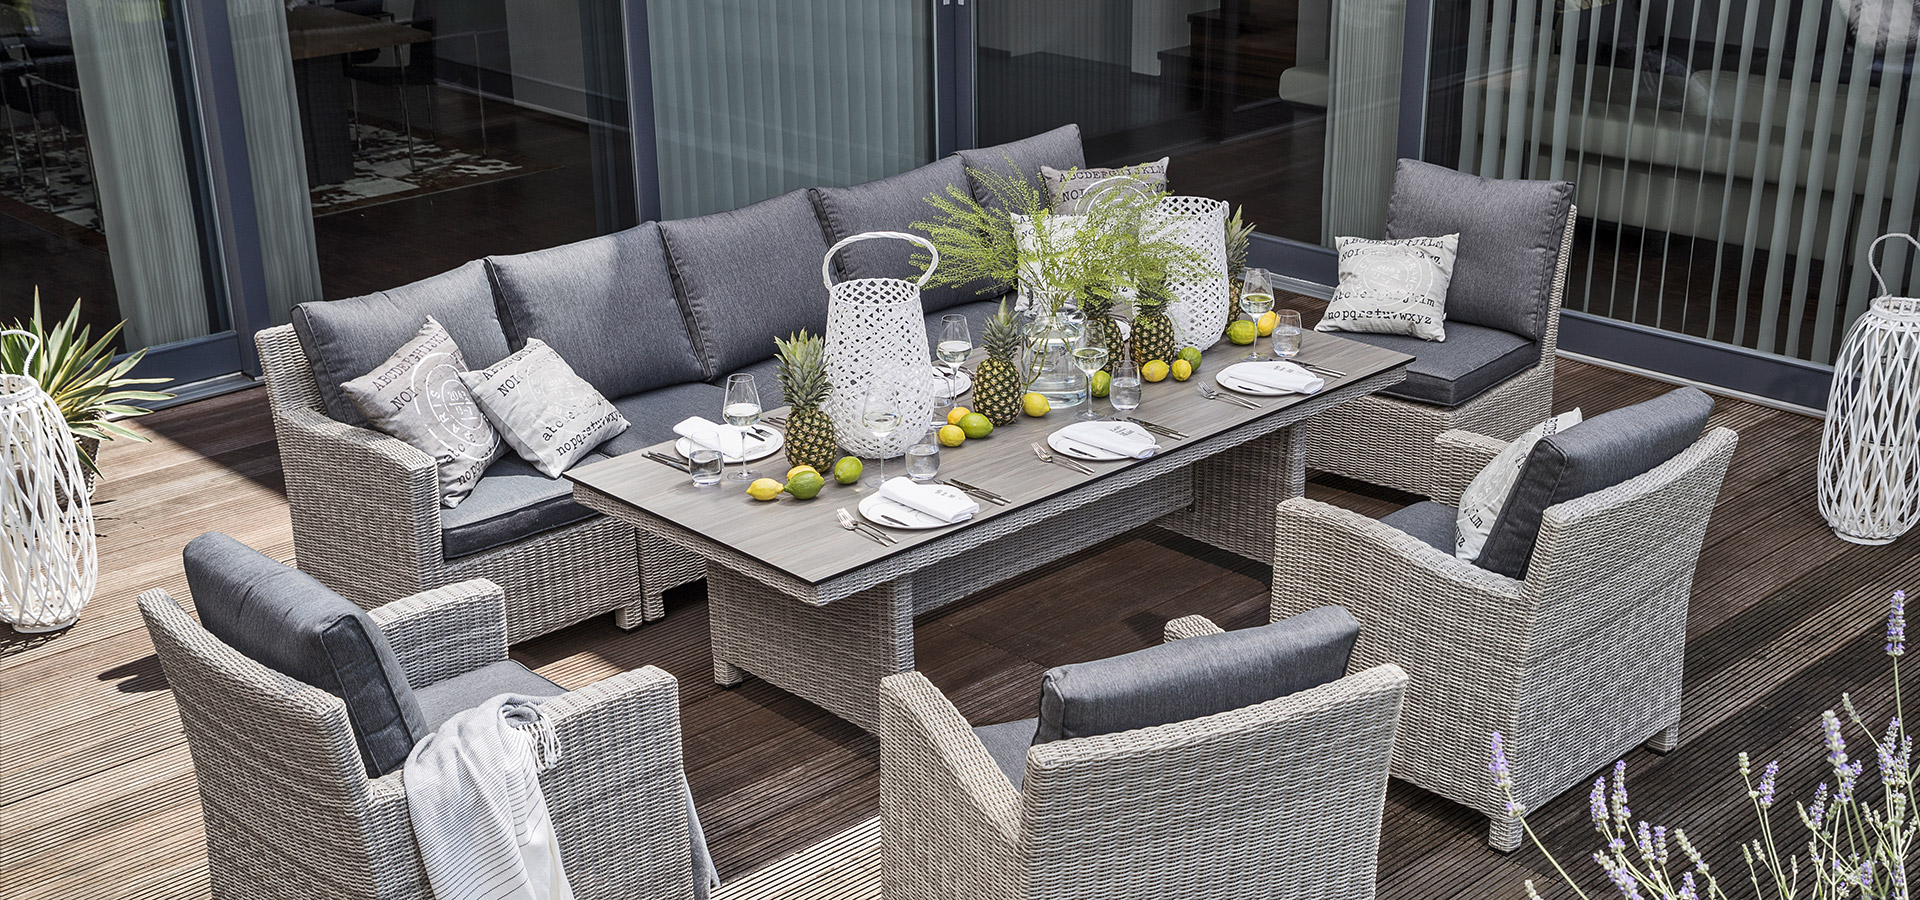 Full Size of Loungemöbel Garten Günstig Lounge Set Sessel Holz Möbel Sofa Wohnzimmer Terrassen Lounge